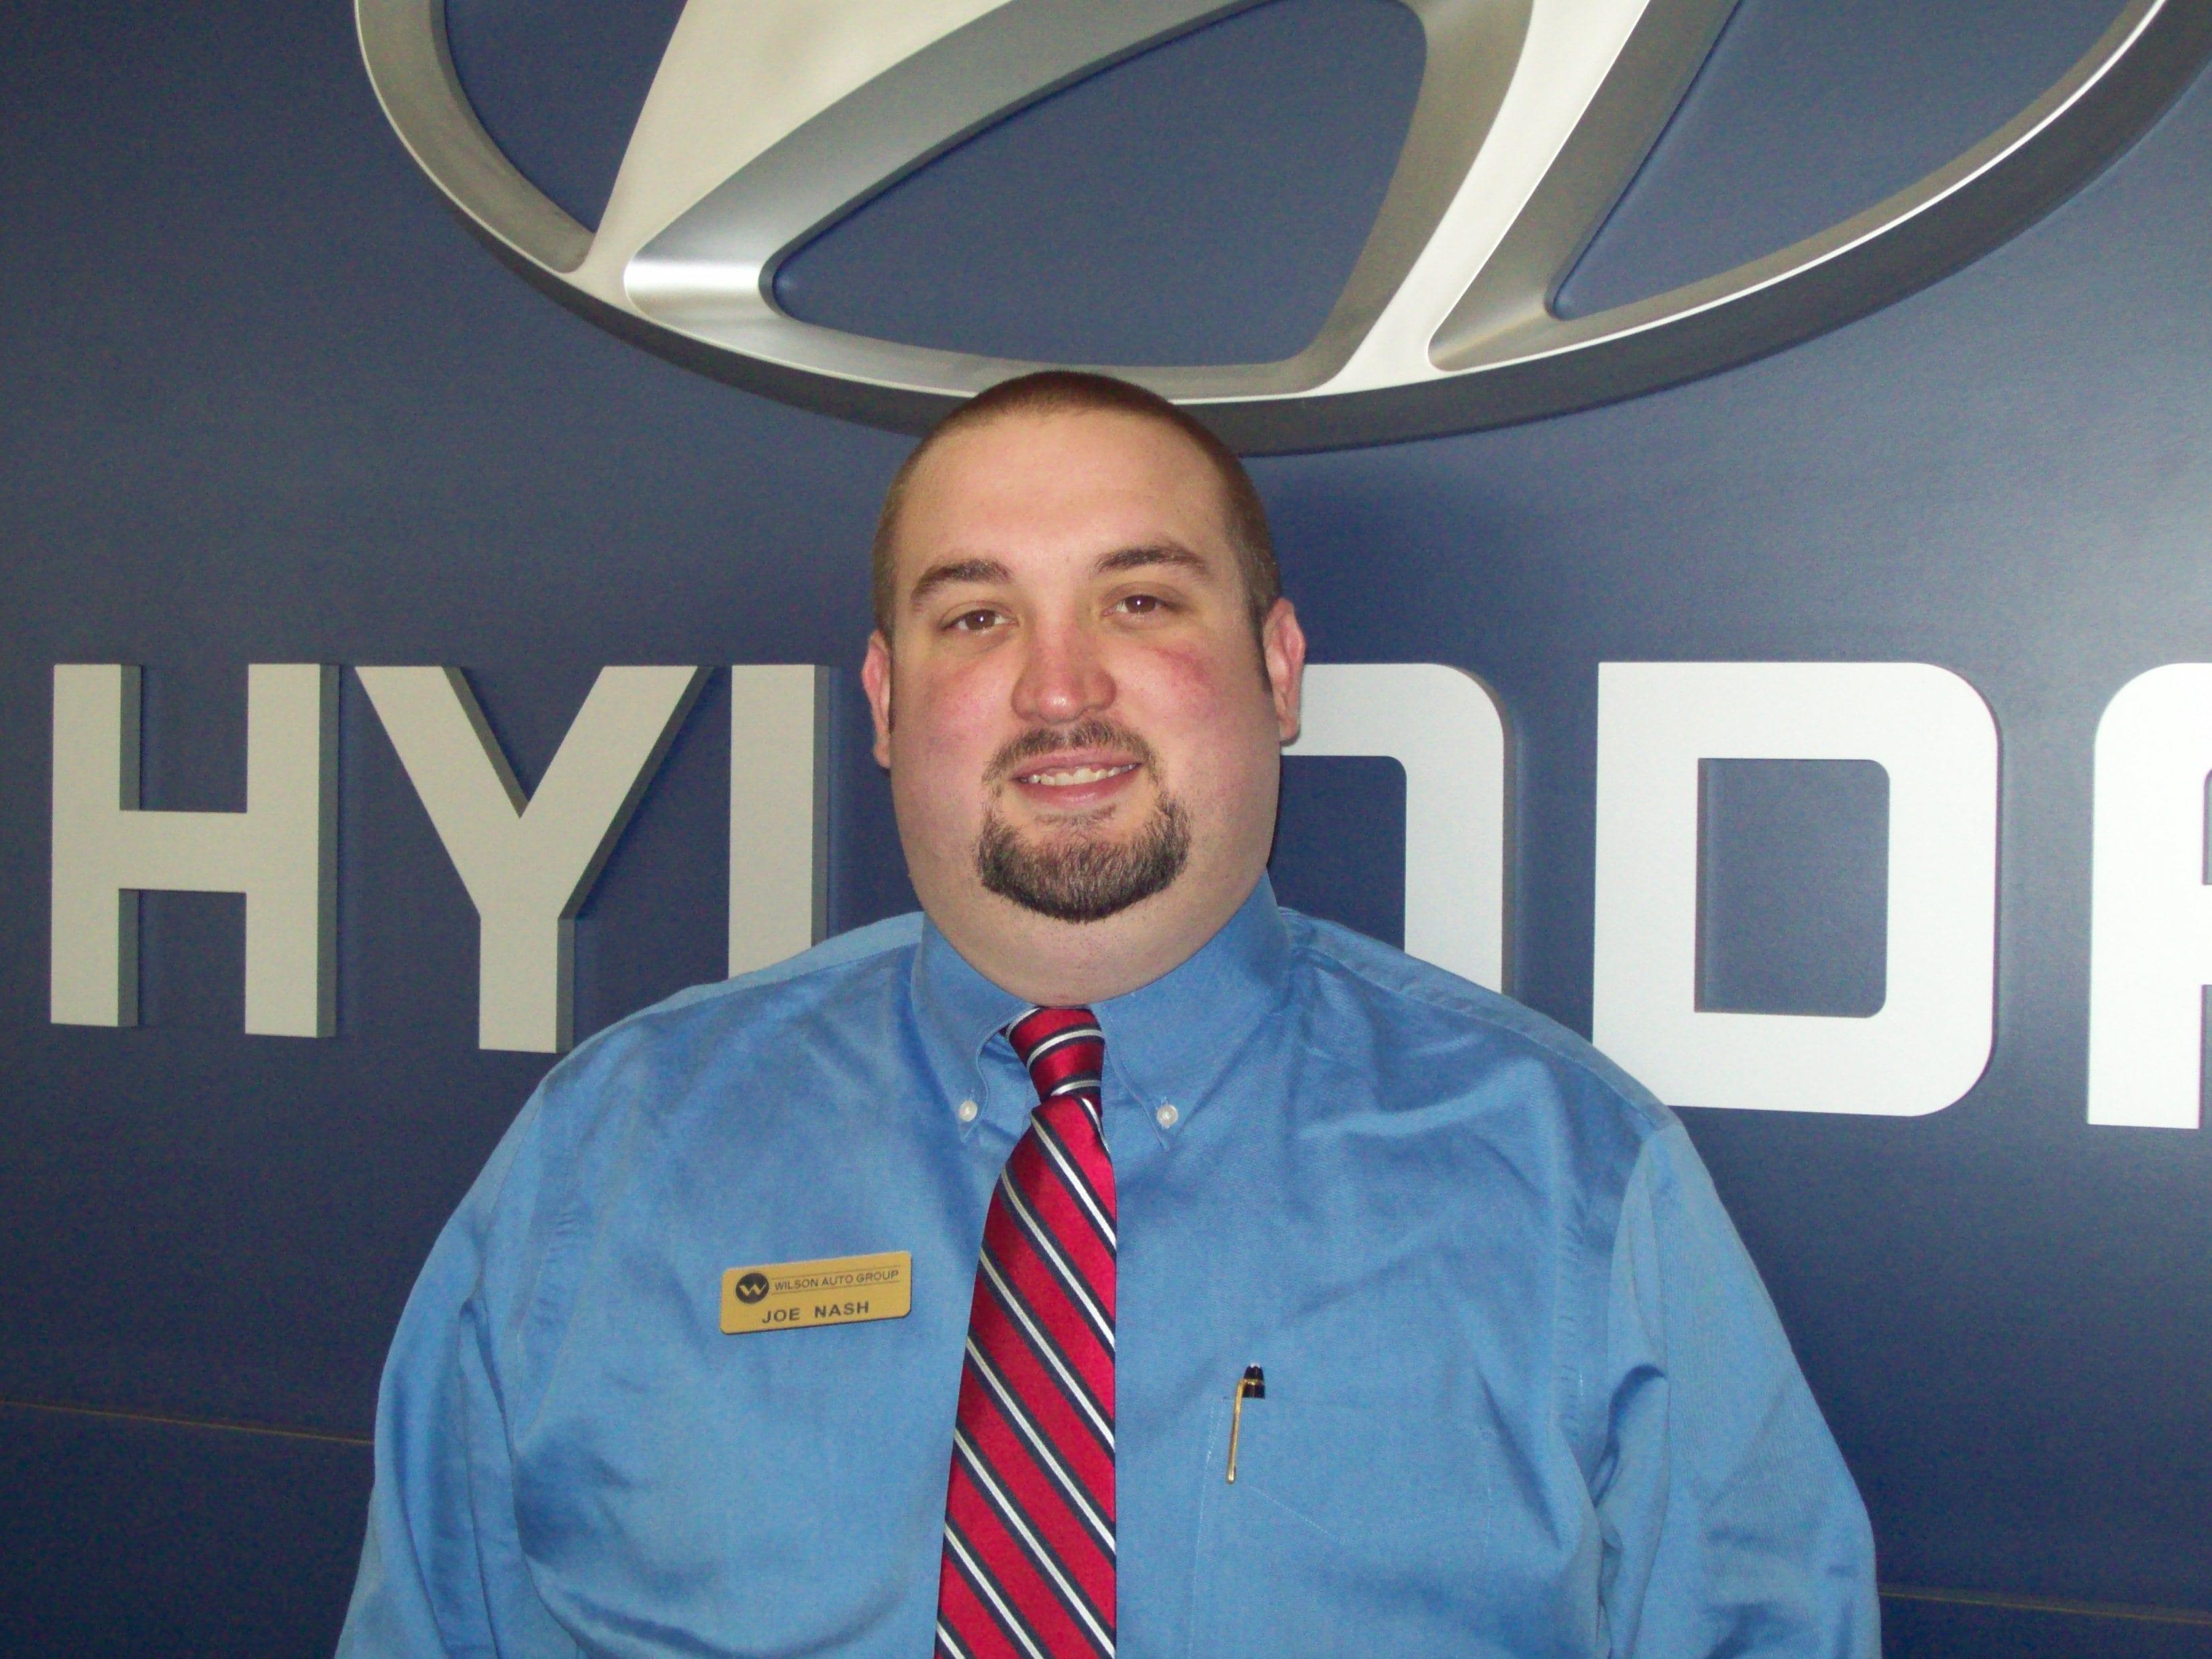 Joe Nash: Hyundai Sales